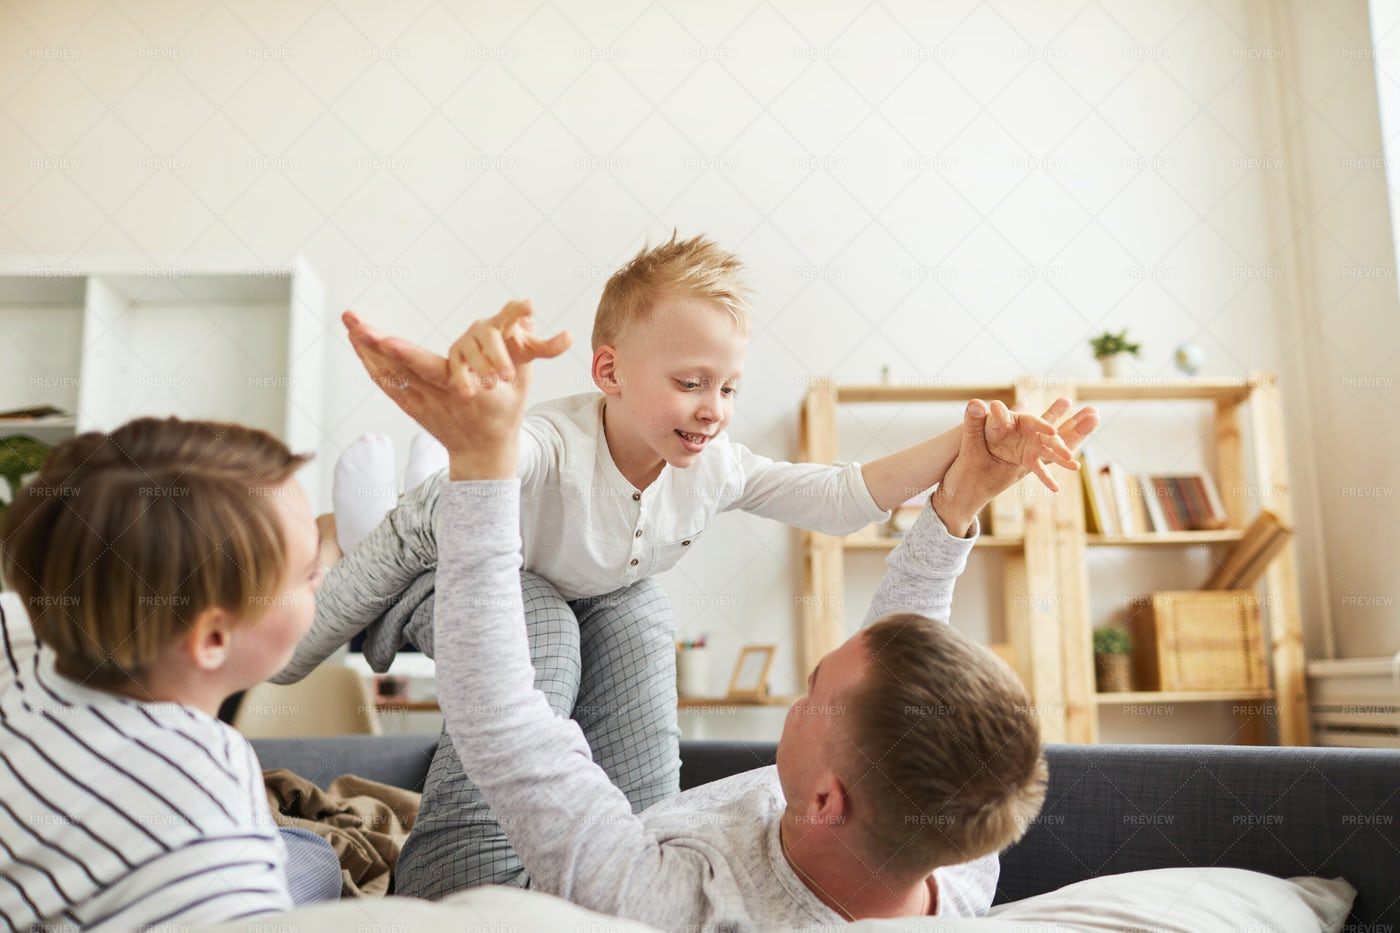 Playful Parents Having Fun With Son...: Stock Photos